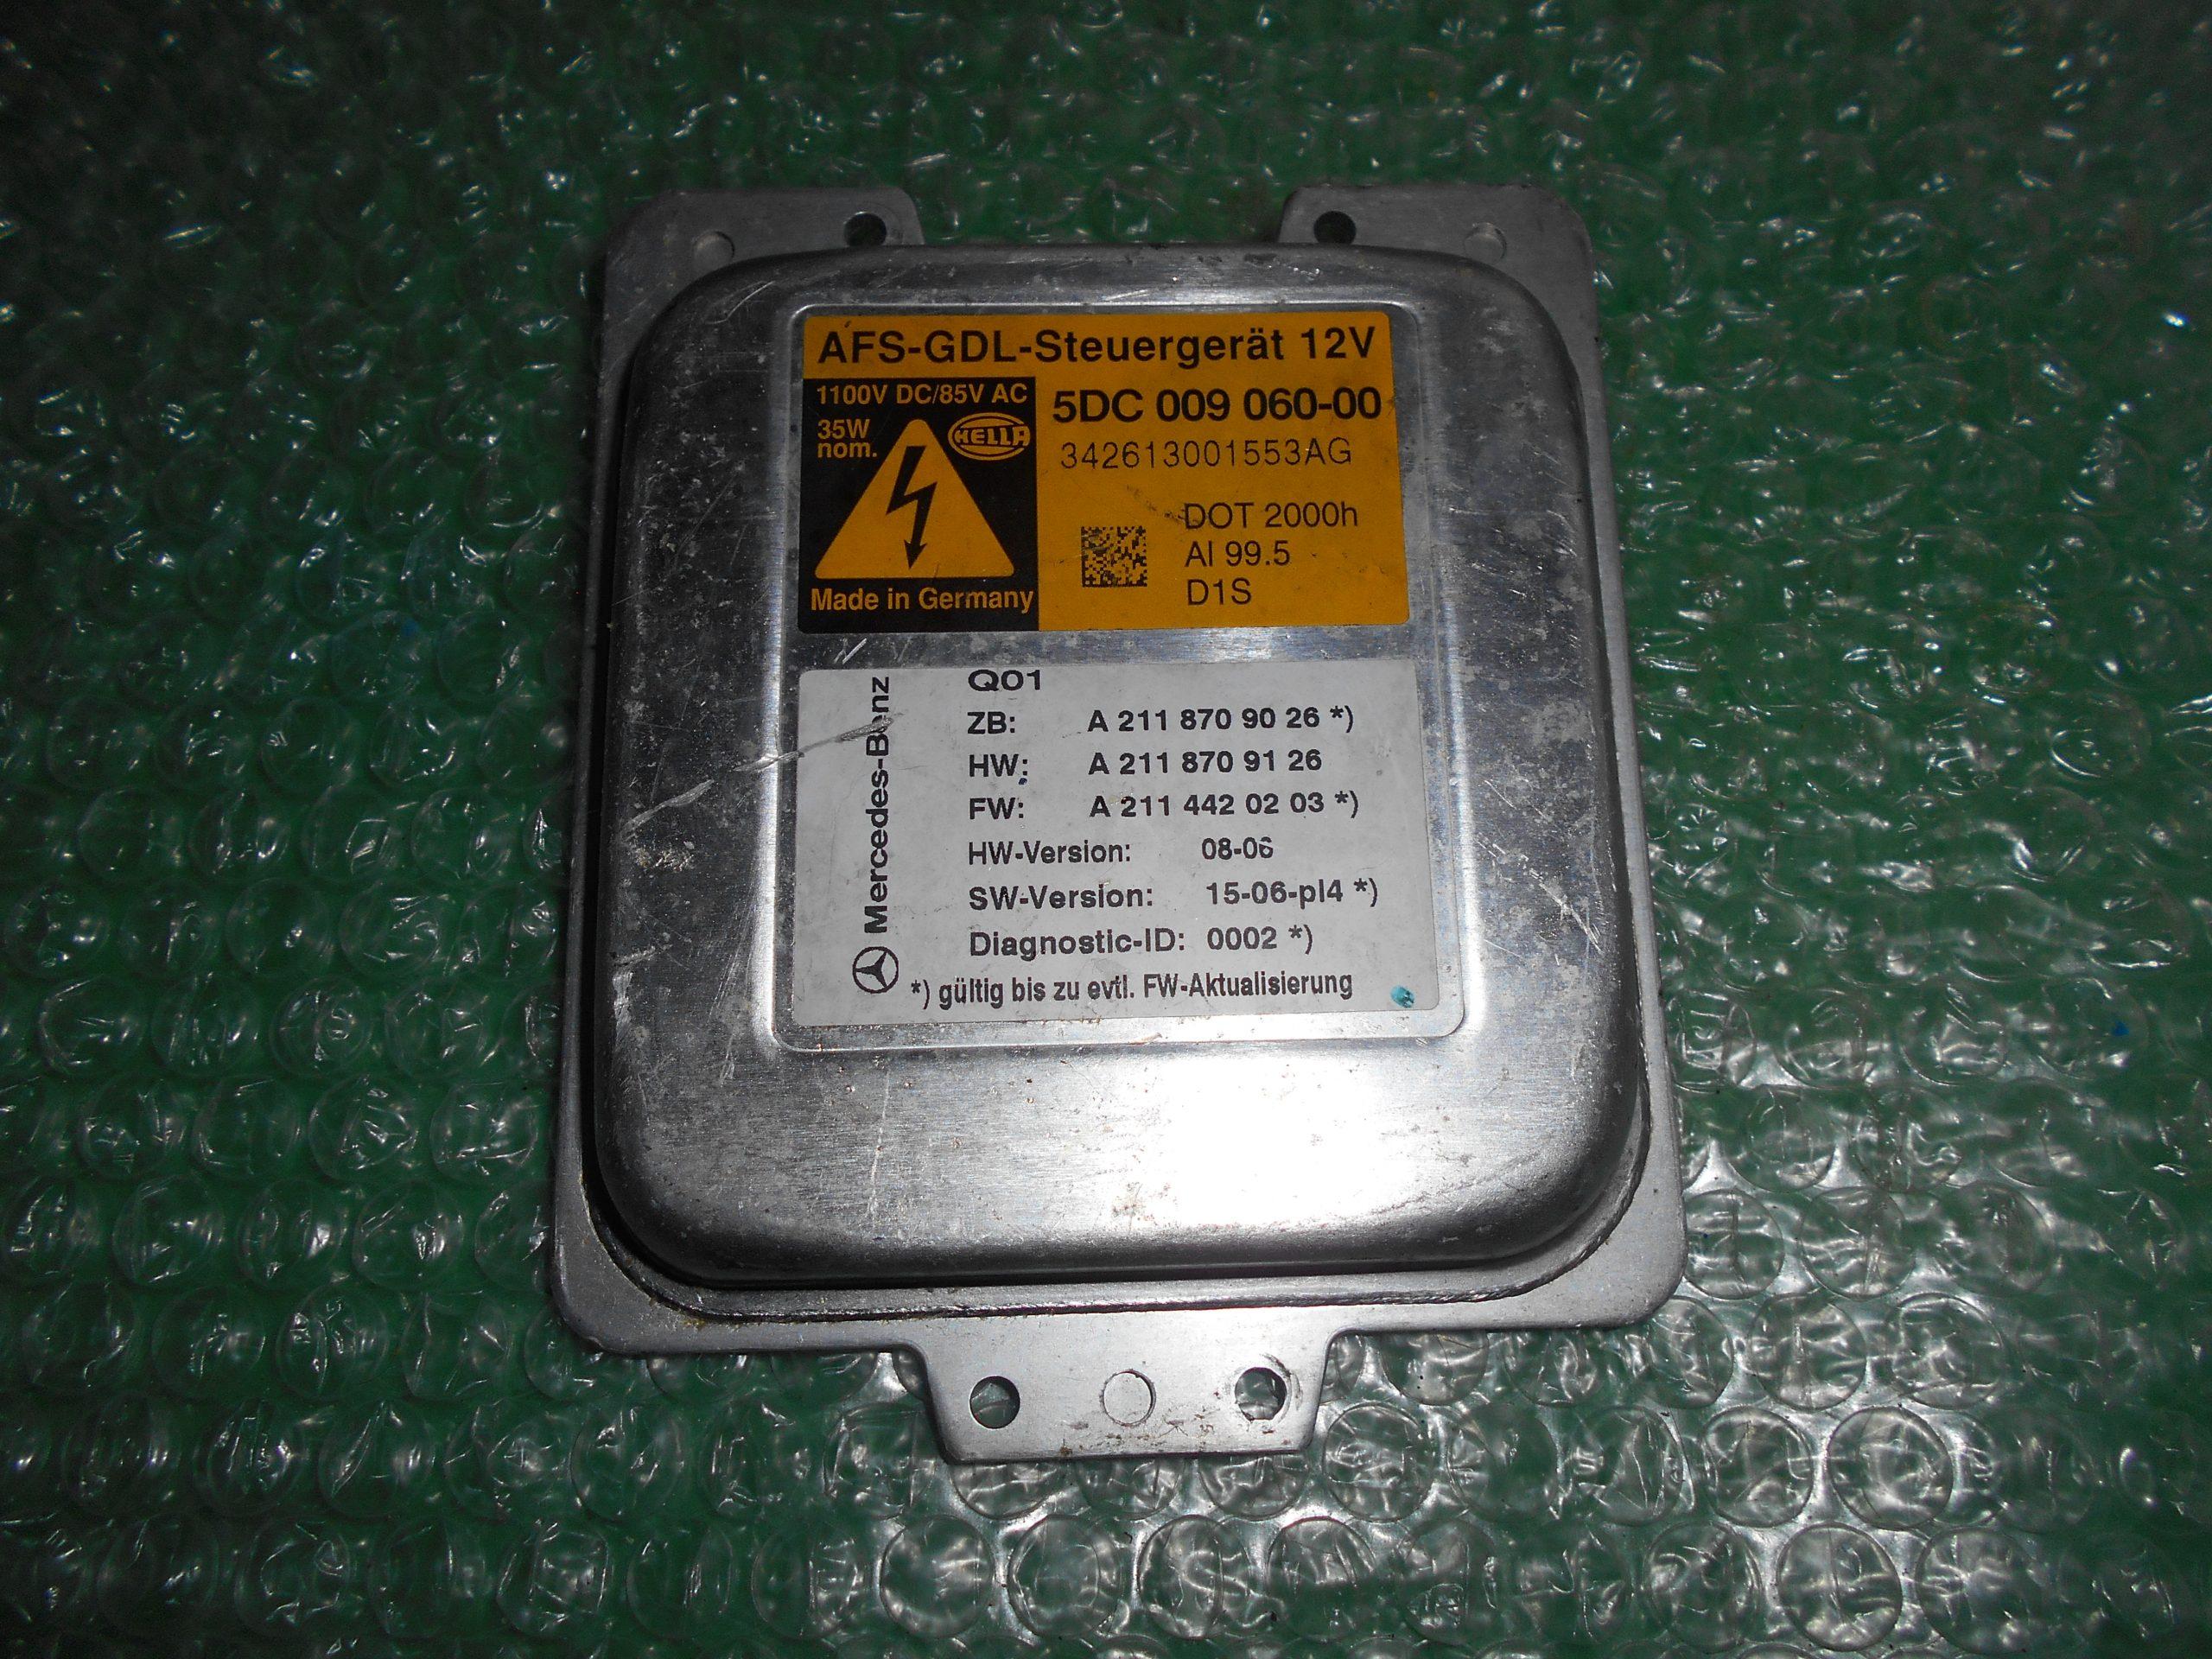 CENTRALITA DE AFS 5DC009060-00 MERCEDES BENZ CLASE E (W211)(2002-2009)